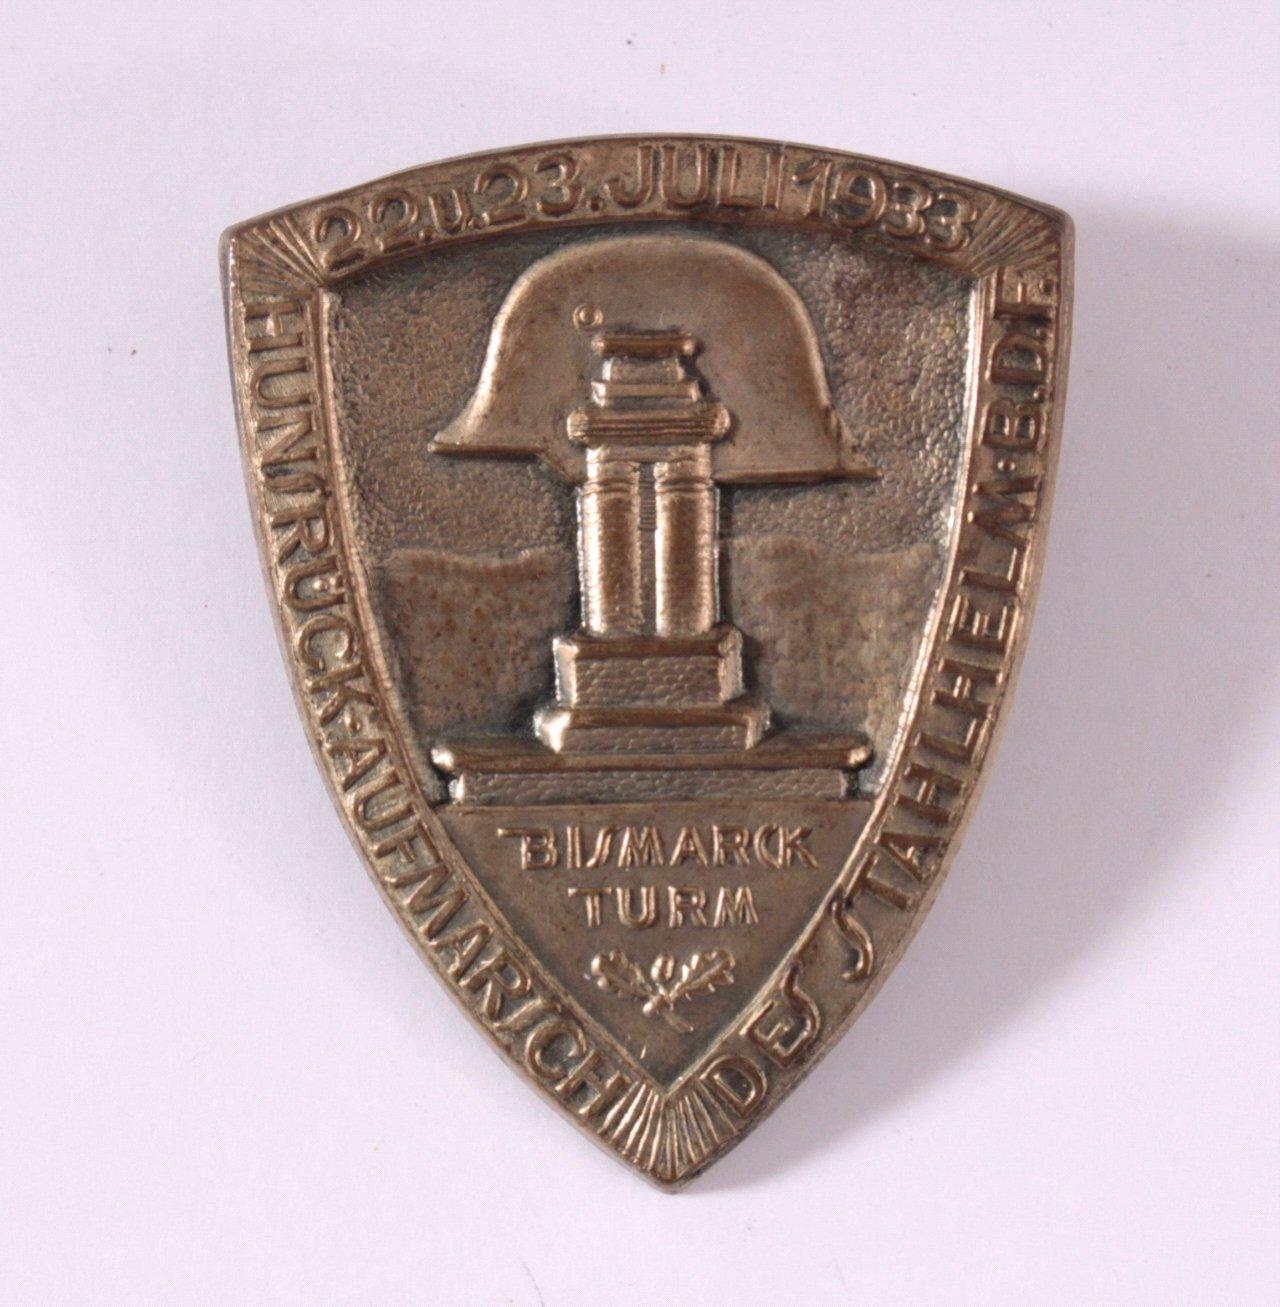 Veranstaltungsabzeichen Hunsrückaufmarsch 1933